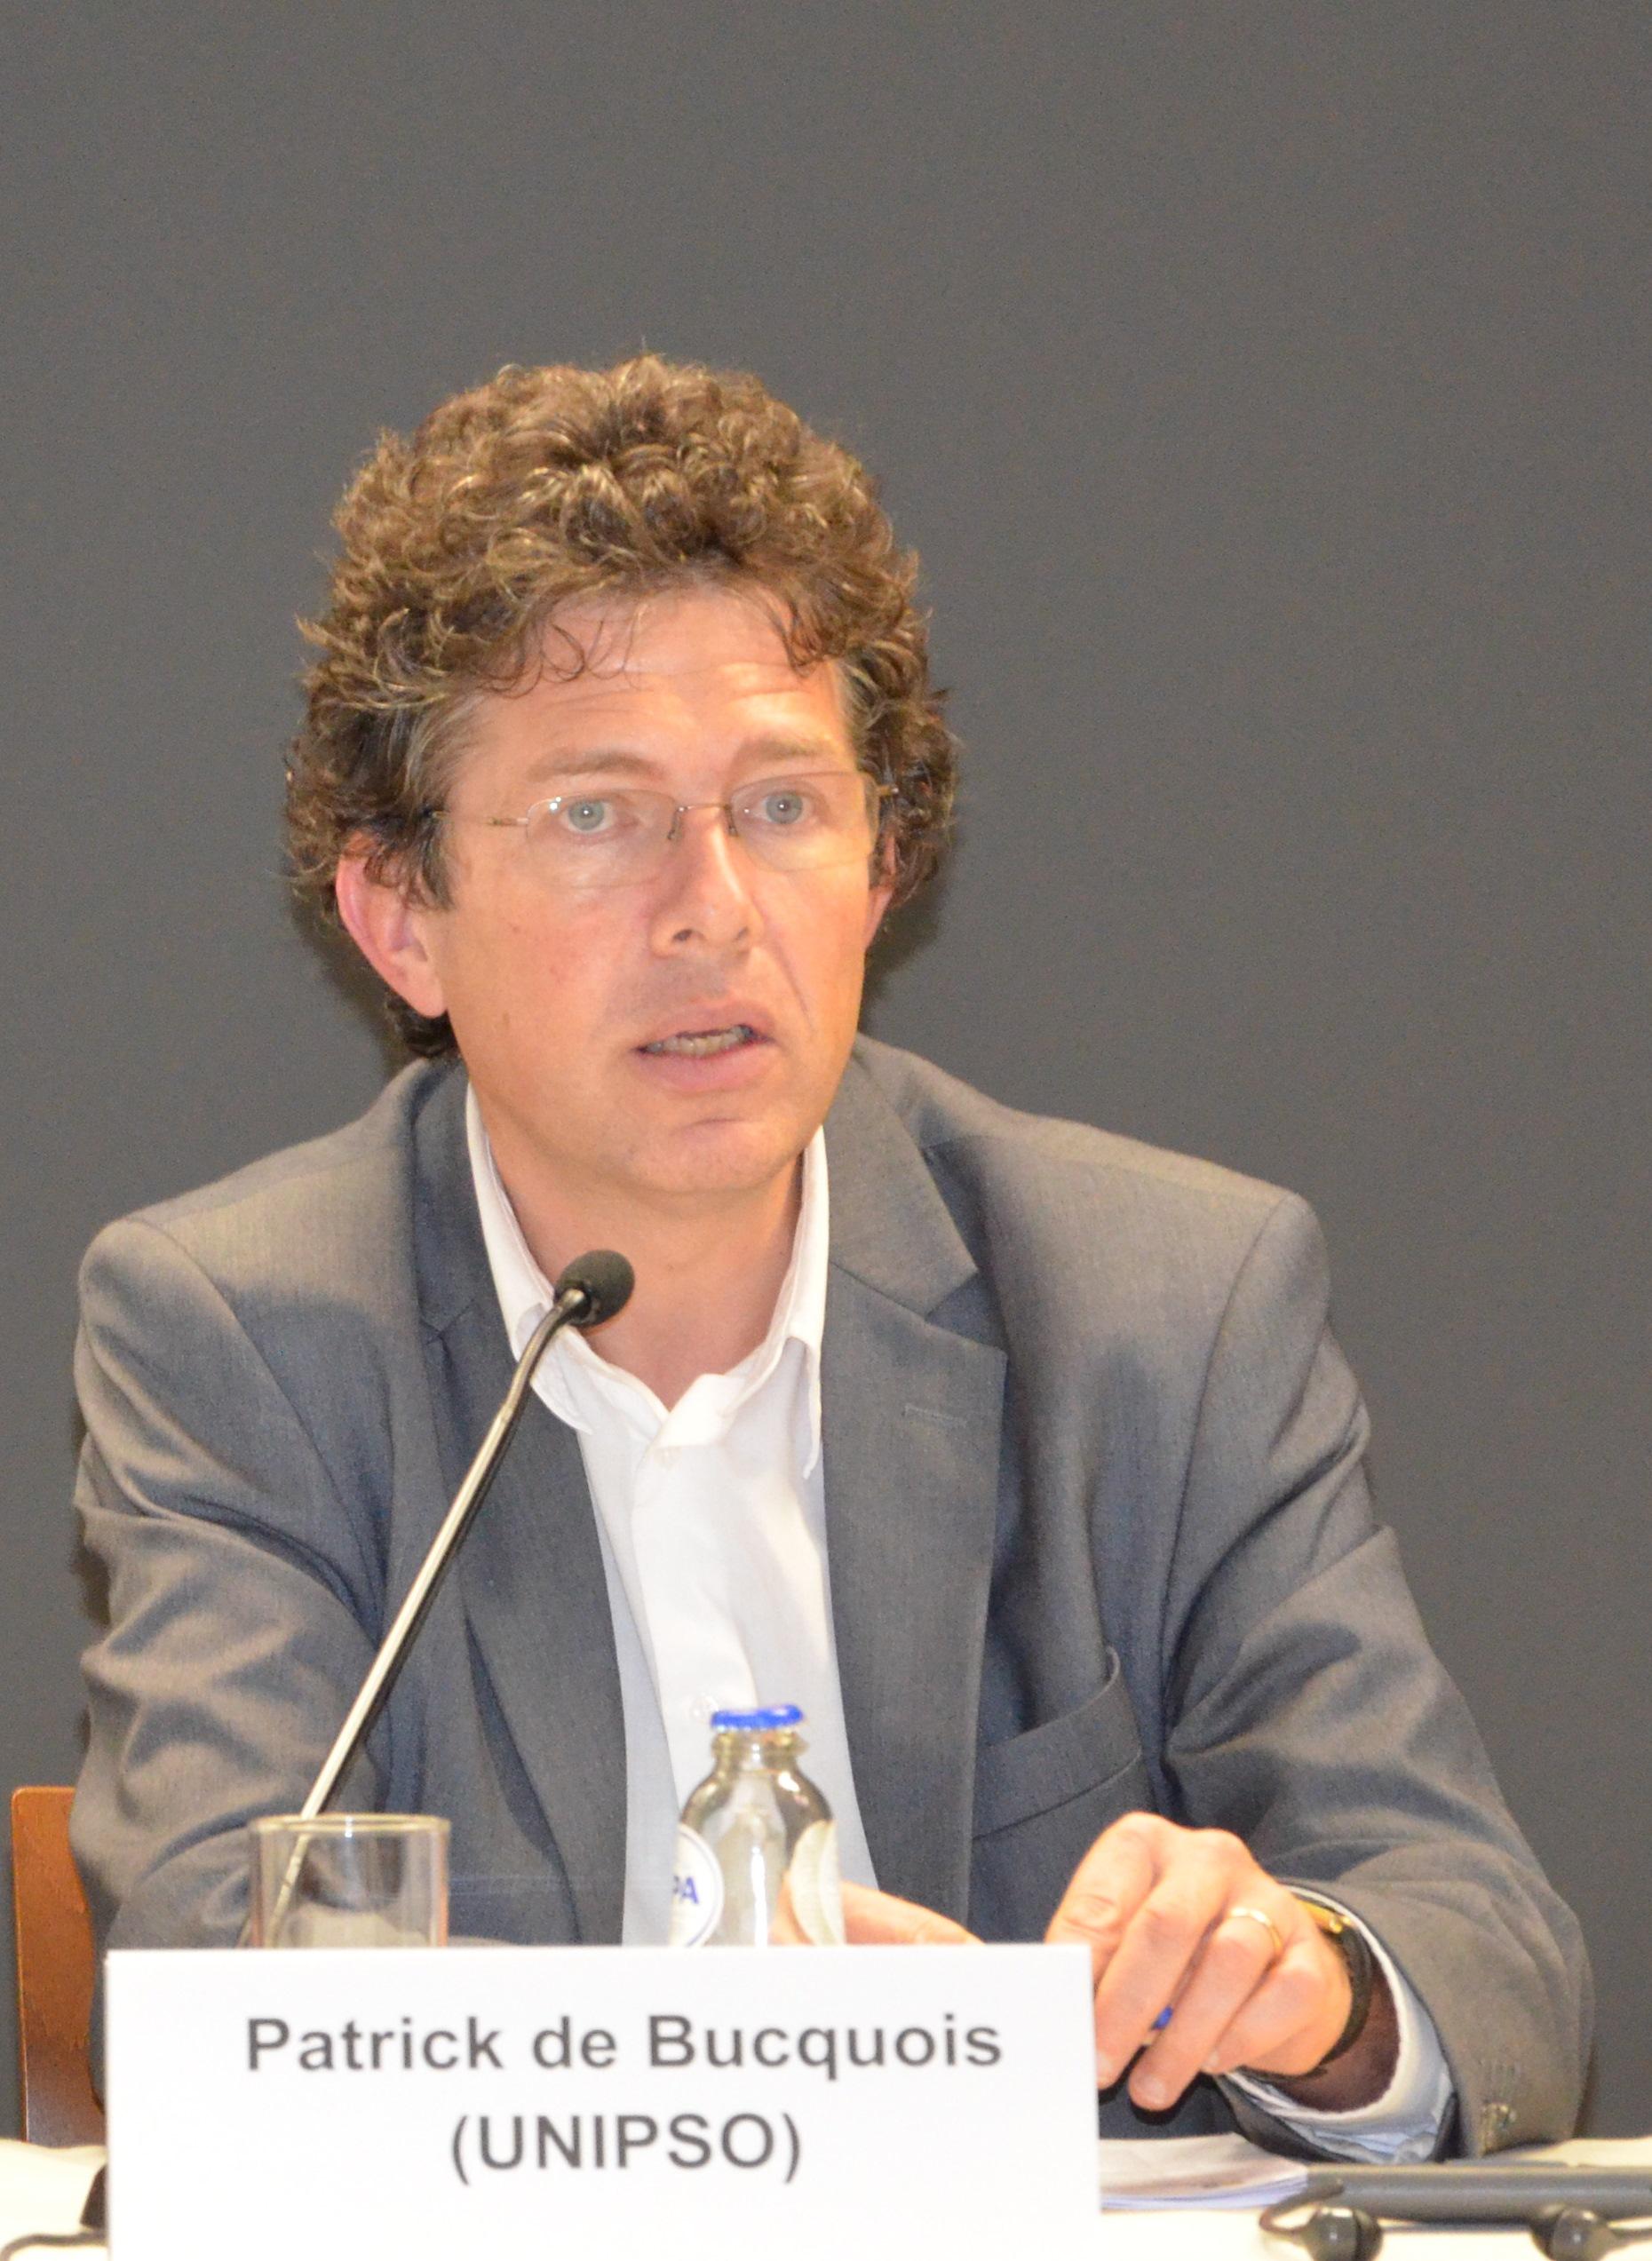 Patrick de Bucquois